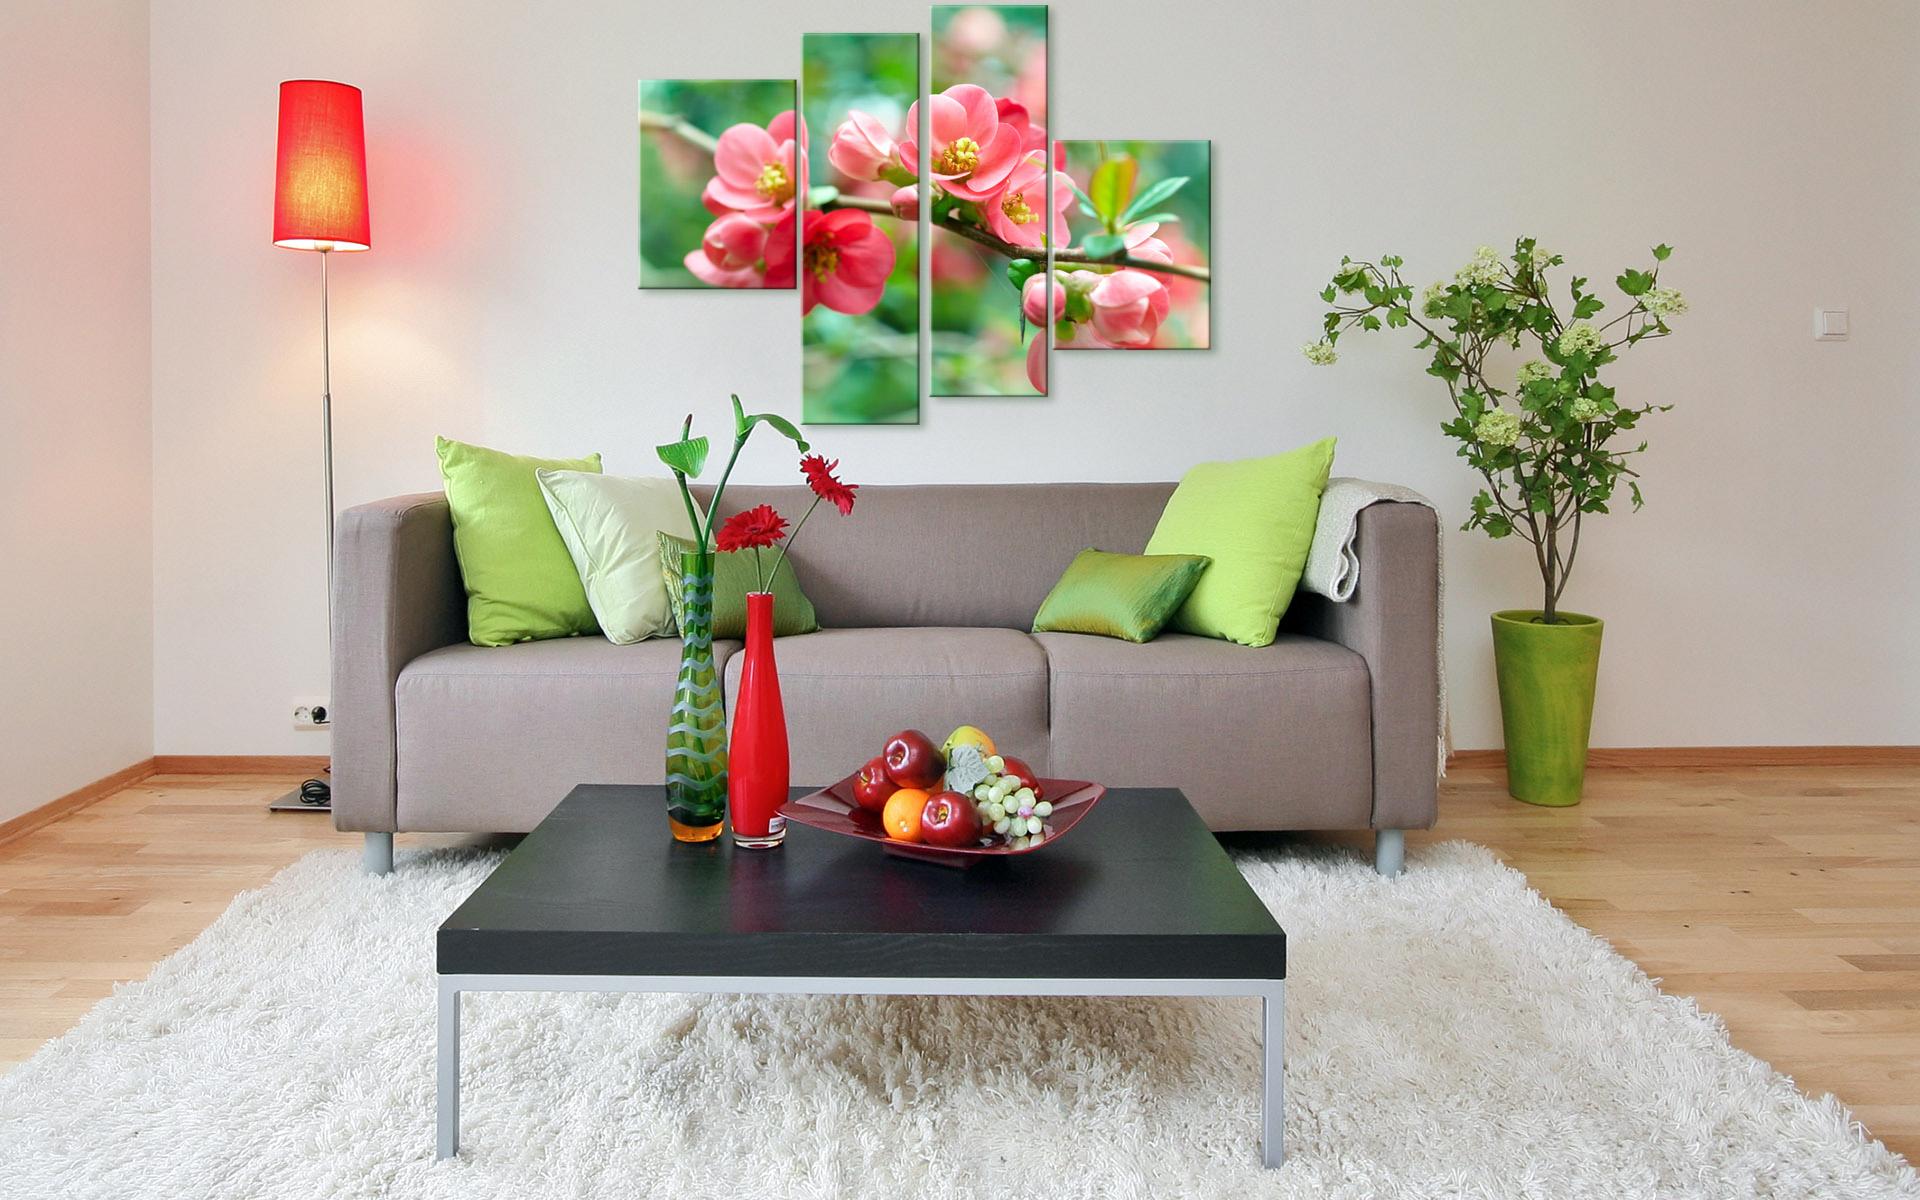 Адаптация дизайна квартиры к образу жизни владельца – залог успешного проекта